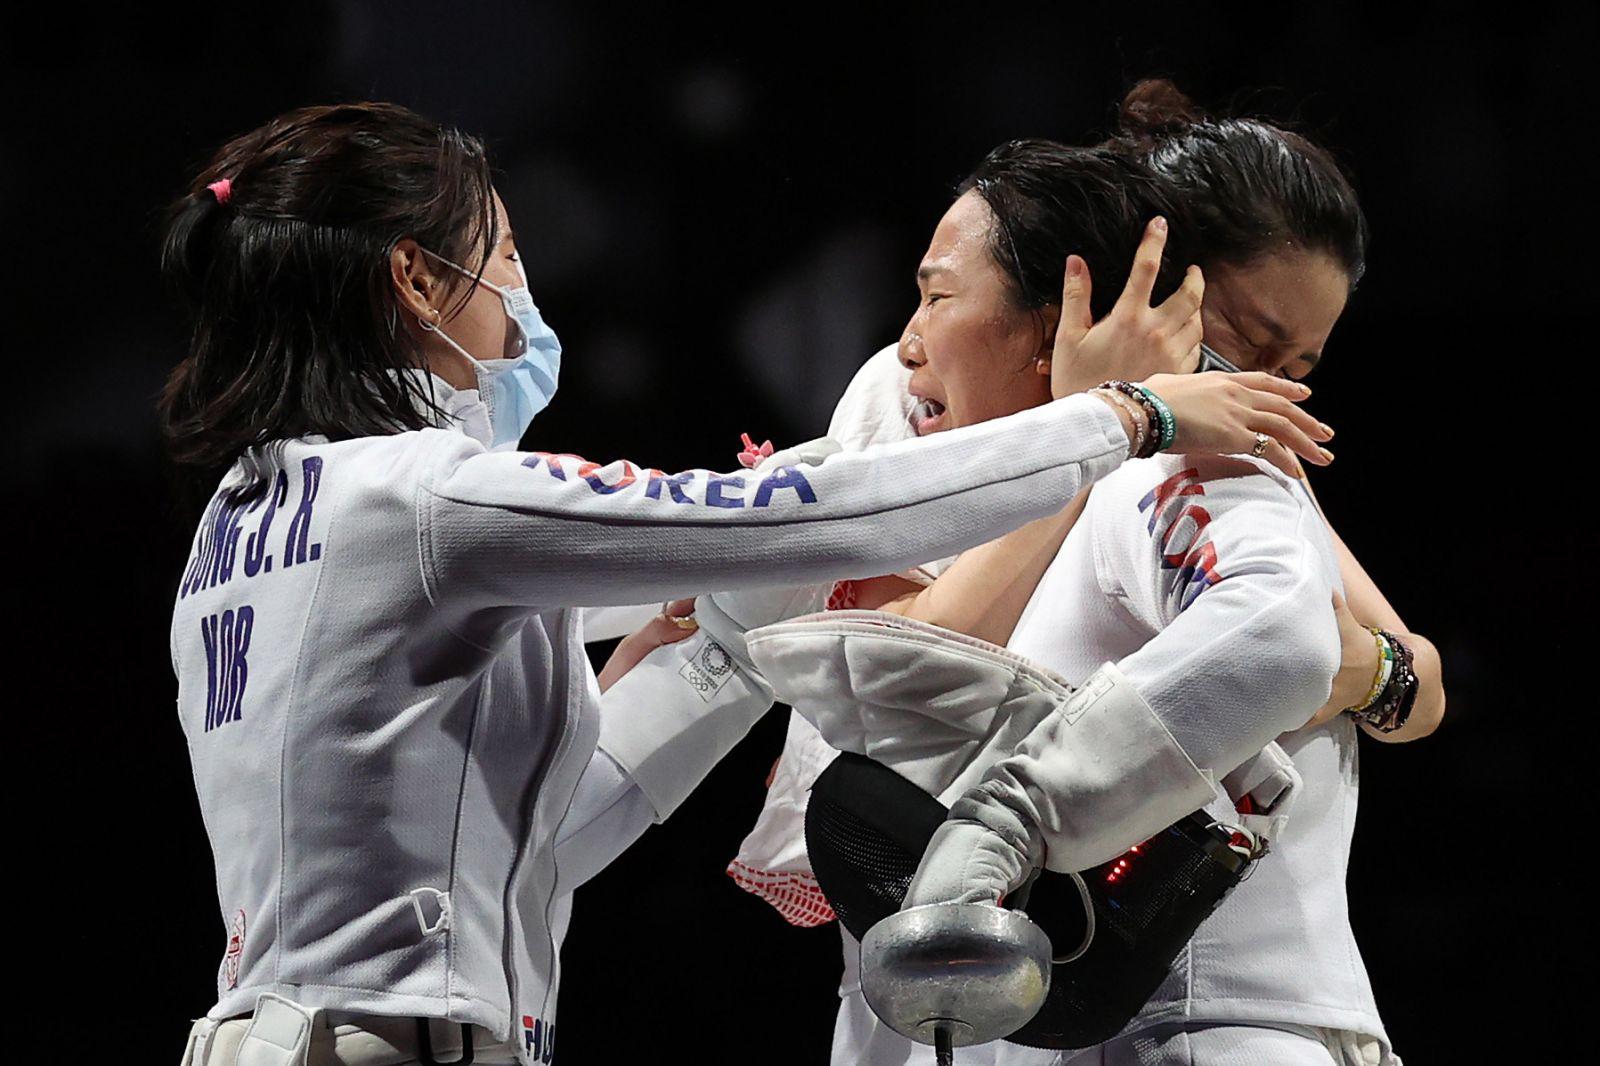 عکس/ شکار اشک و لبخندهای ورزشکاران المپیکی